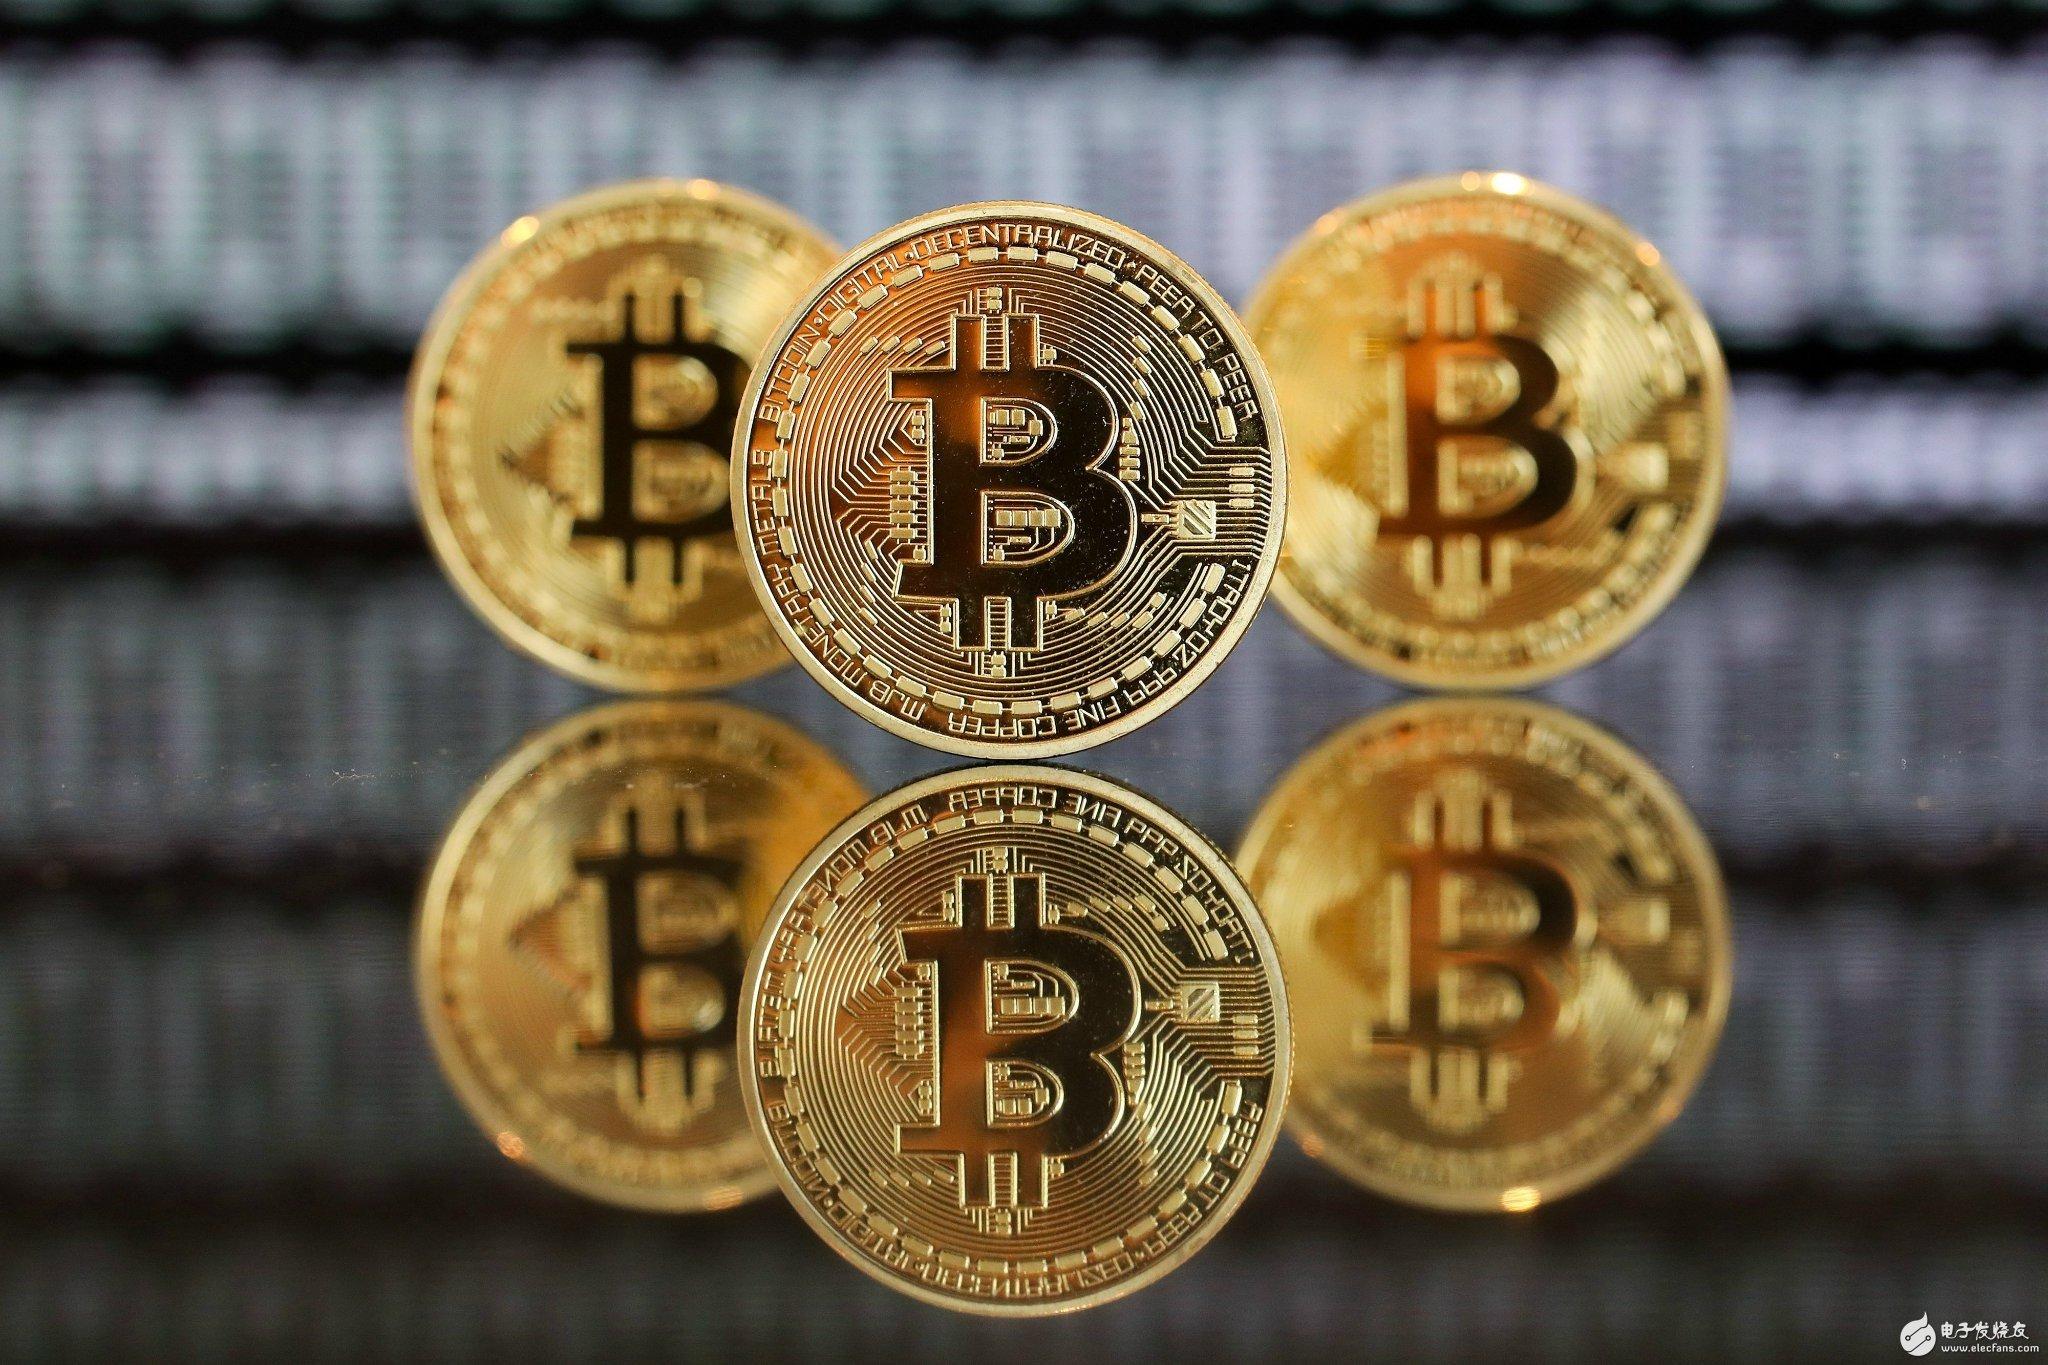 比特币的实质是什么?有哪七种描述?